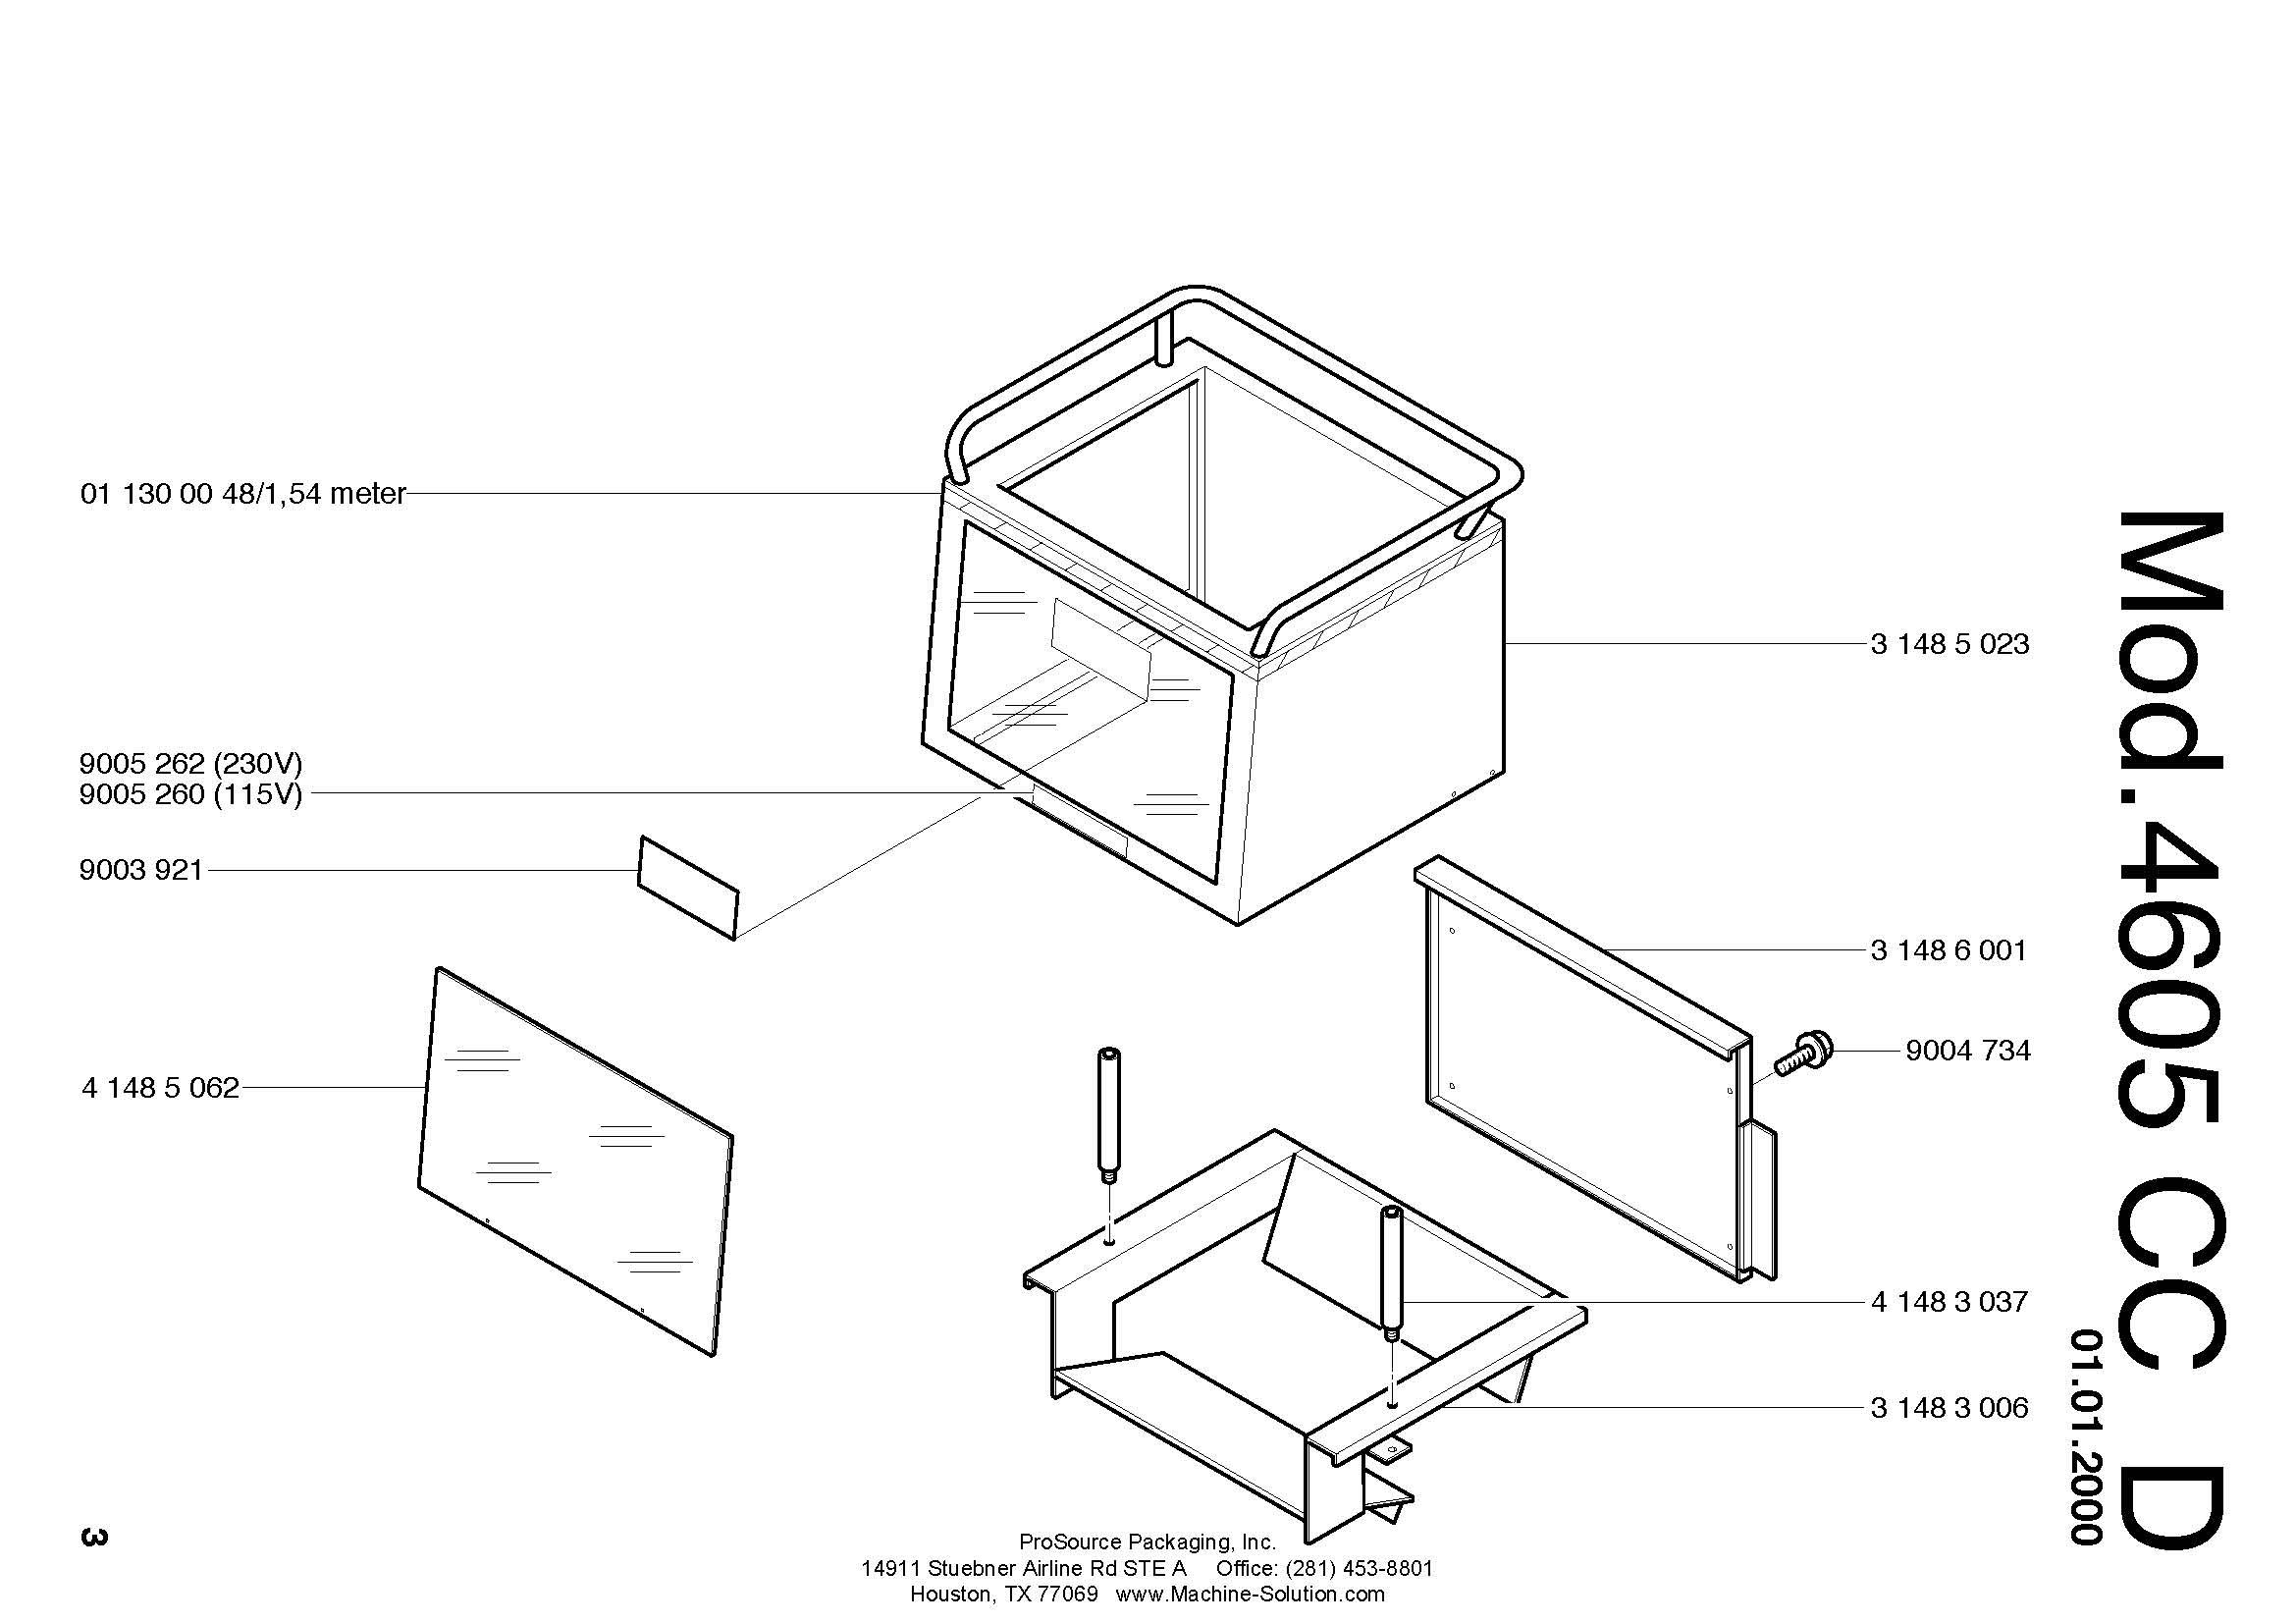 parts assistant mbm destroyit 4605 cc d Home Office Layout page 3